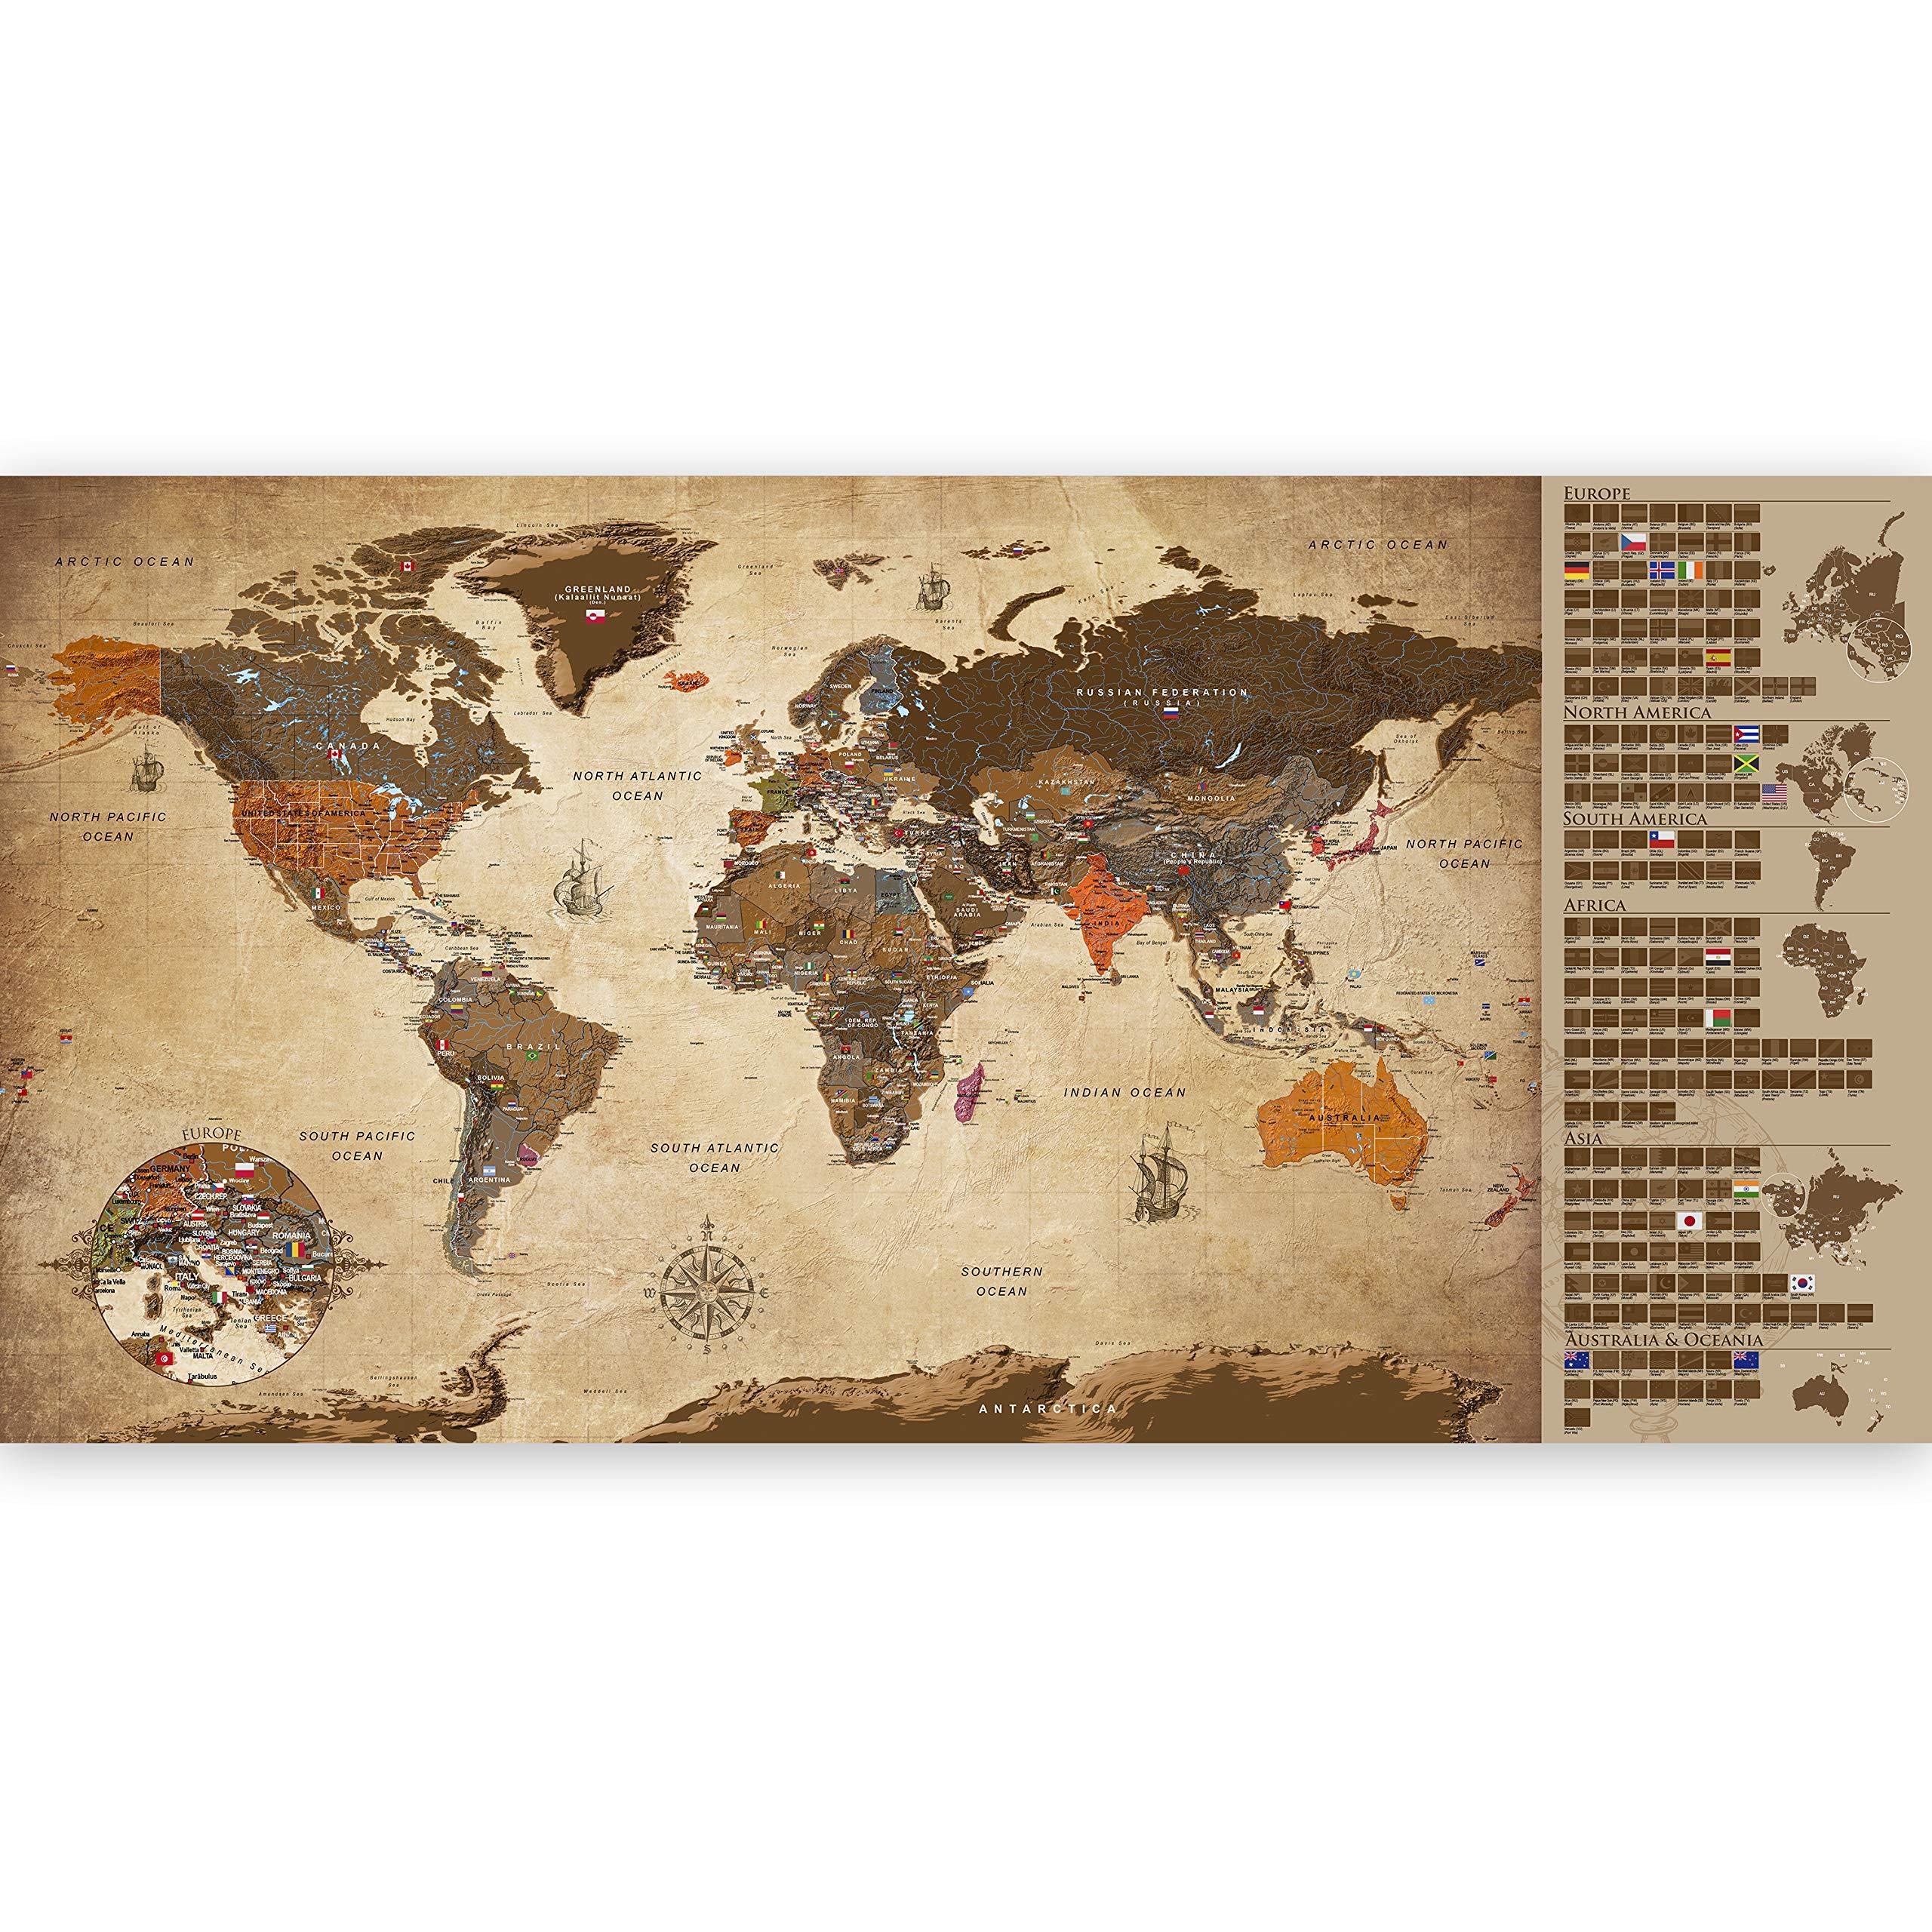 murando - Mapamundi para rascar - Mapa Mundial - 100x50 cm - Vintage - Laminado (Posibilidad de Escribir y borrar) - Mapa para rascar con Banderas - Macionales - k-A-0228-o-b: Amazon.es: Juguetes y juegos